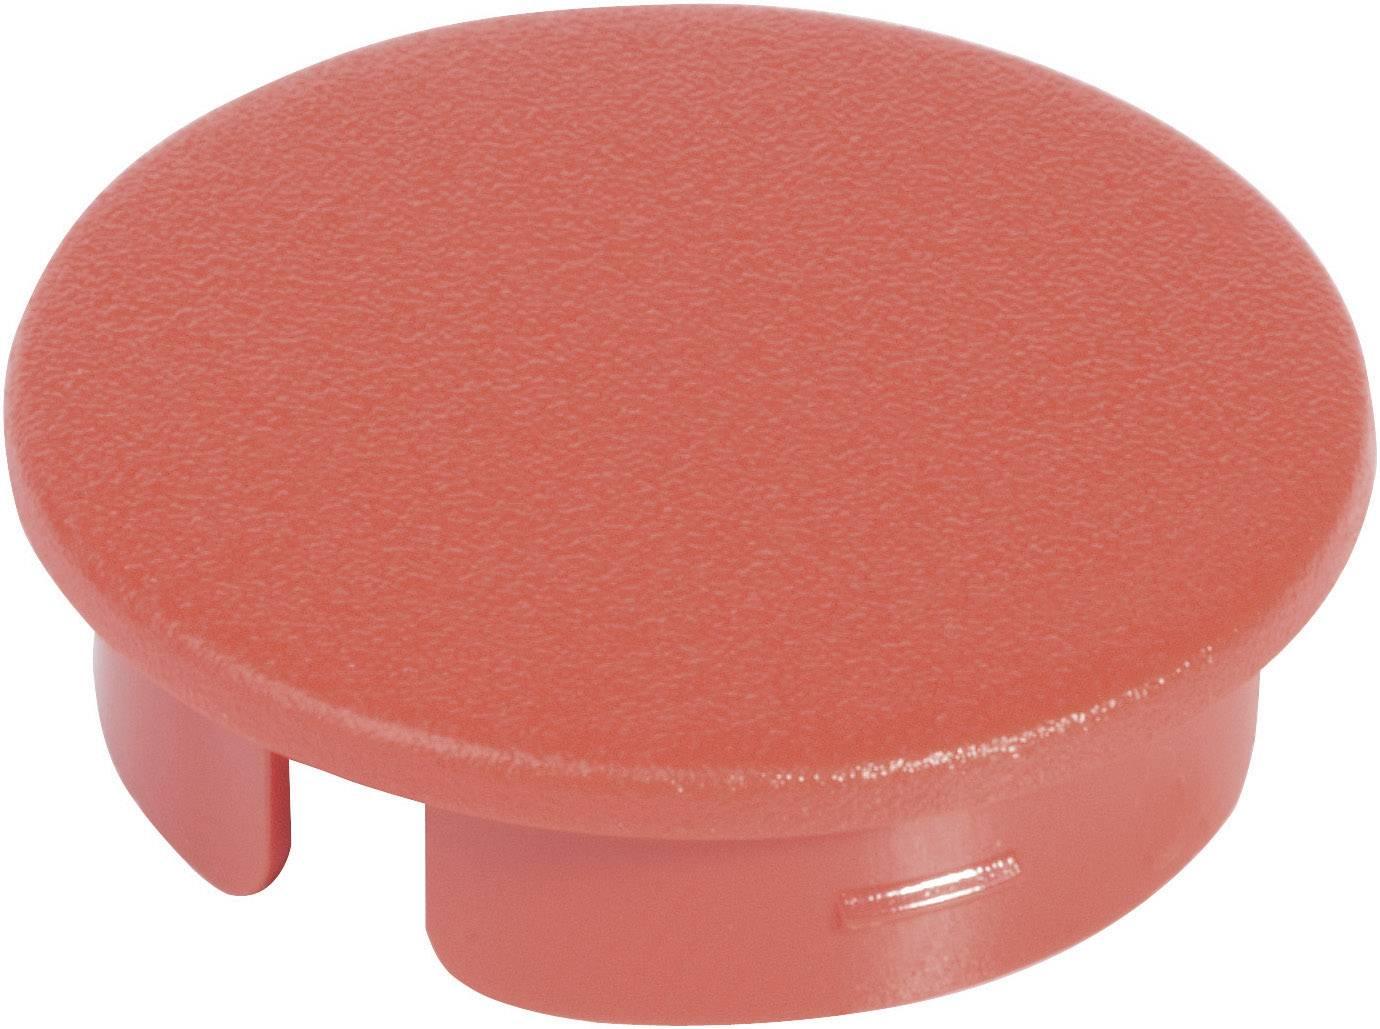 Krytka na otočný knoflík s ukazatelem OKW, pro knoflíky/O 23 mm, červená